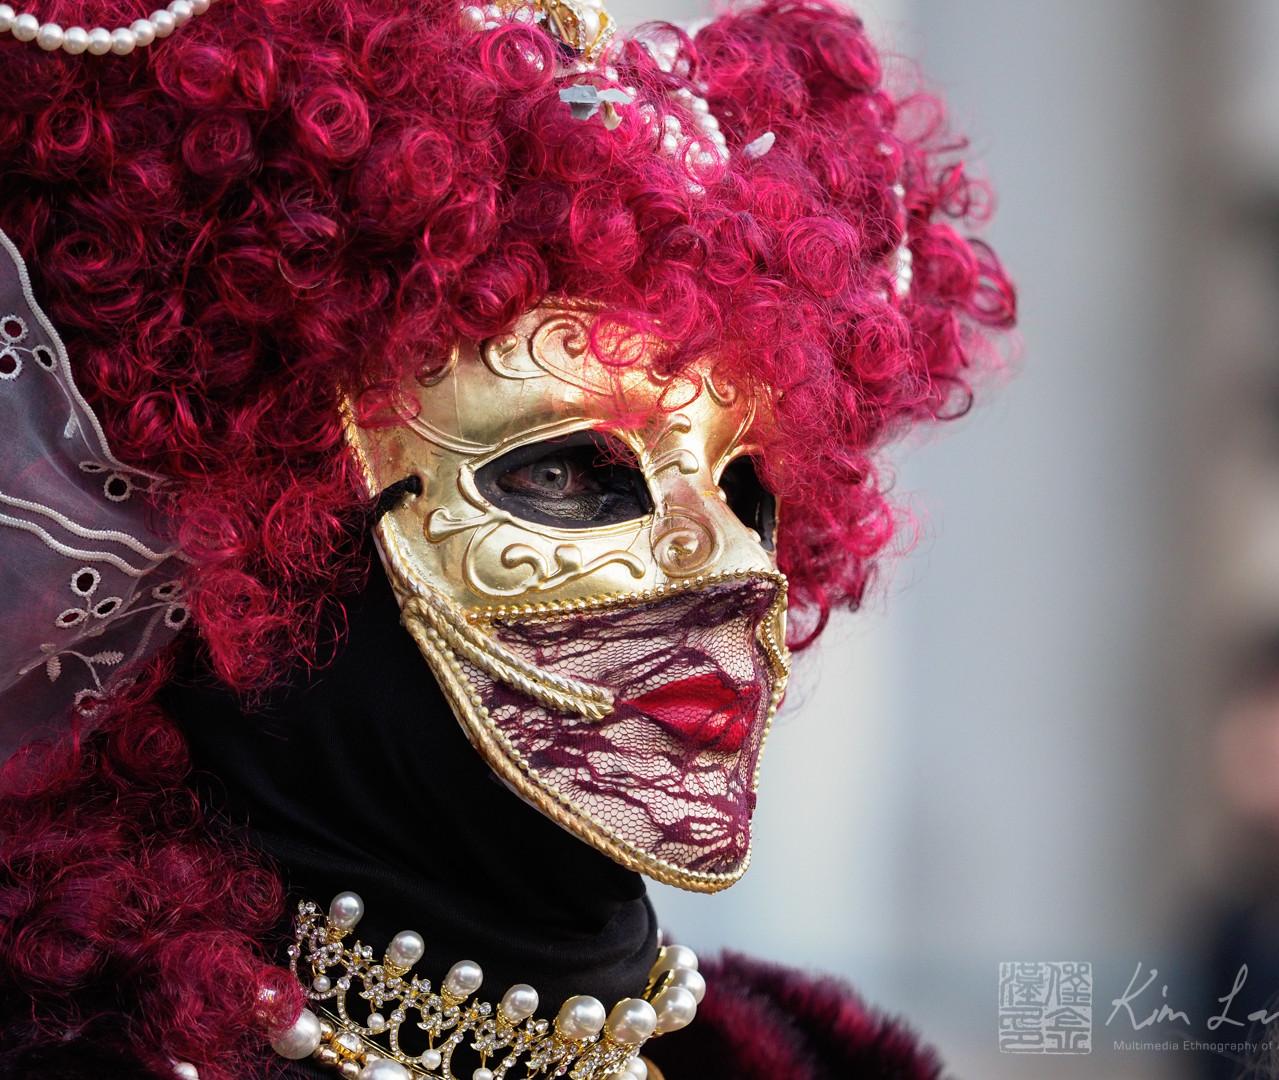 VeniceMasquerade-10